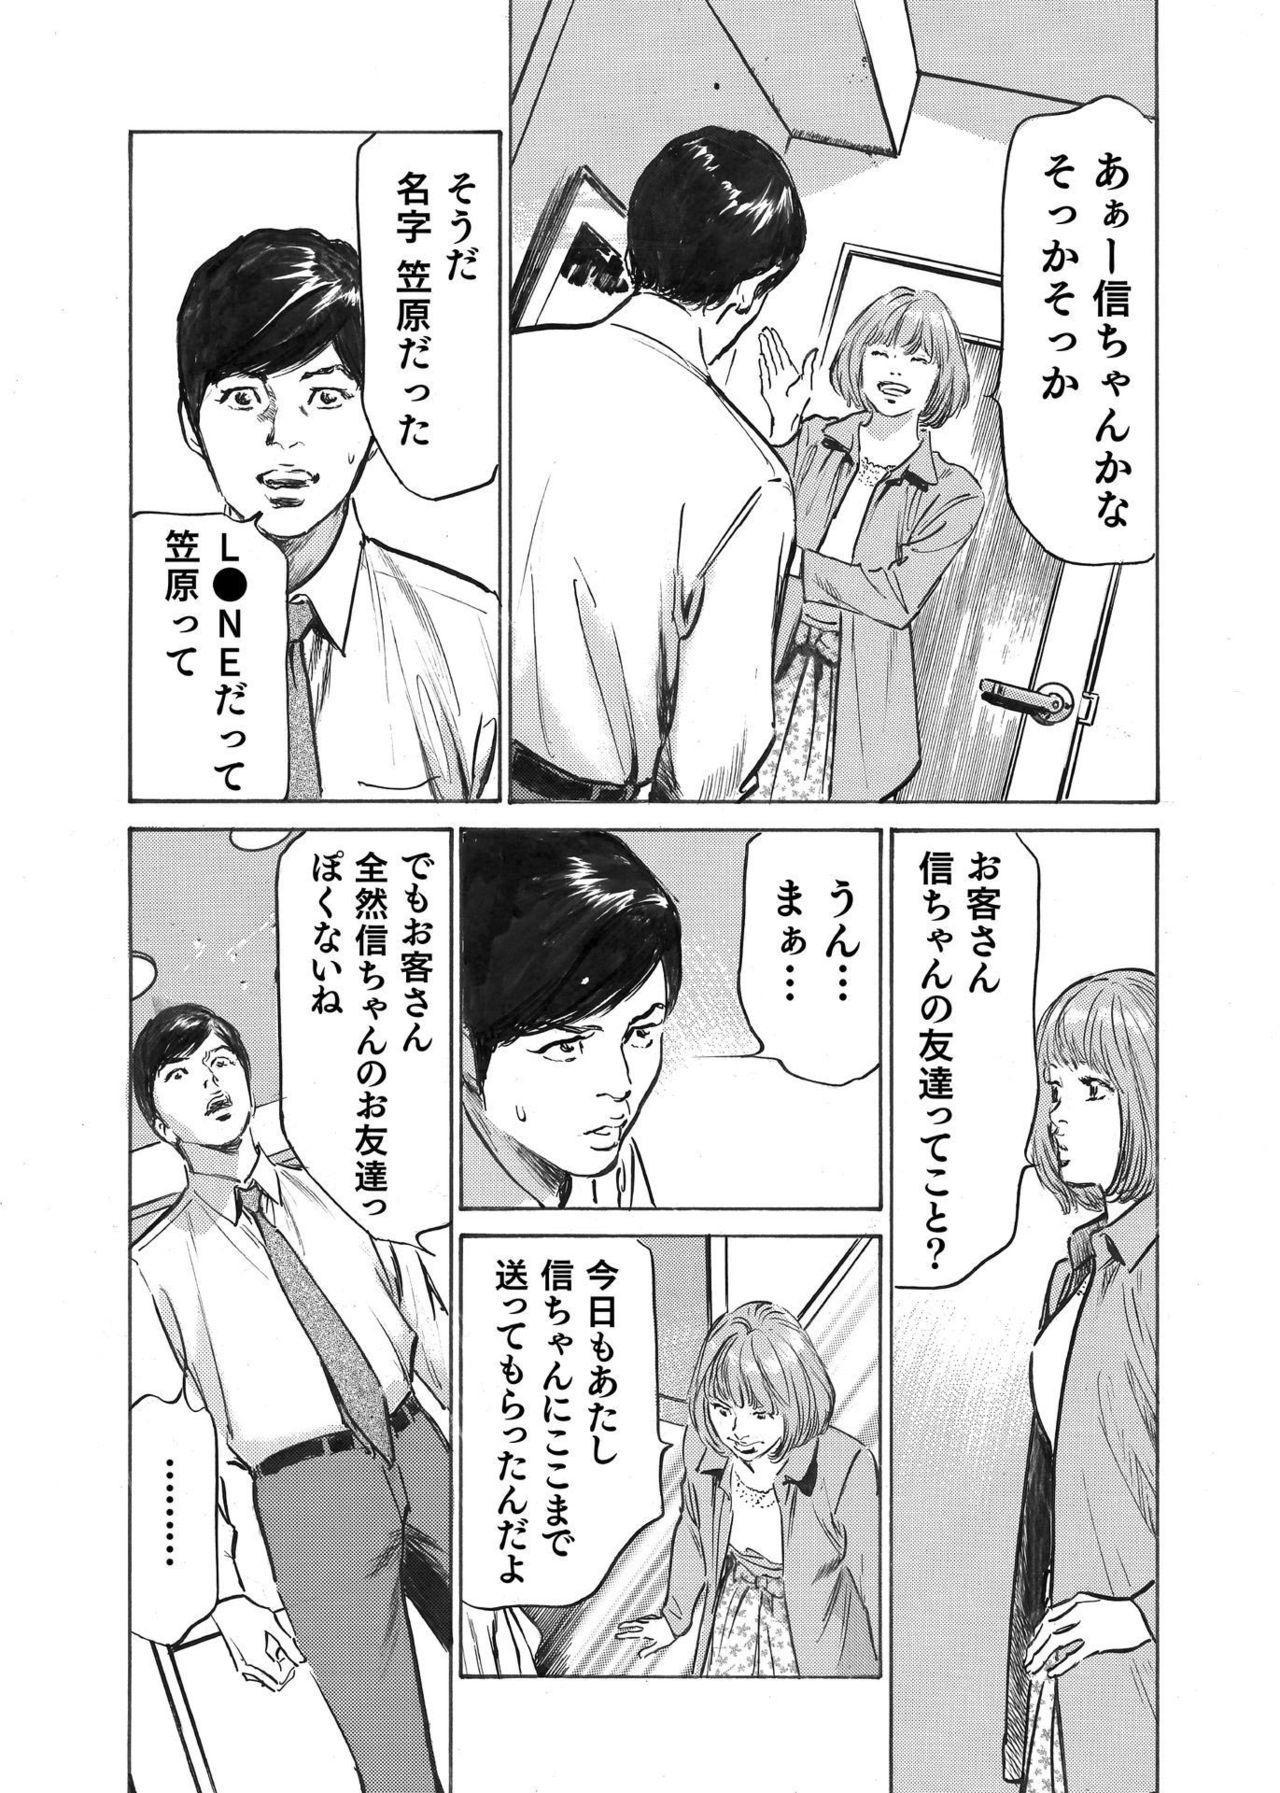 Ore wa Tsuma no Koto o Yoku Shiranai 1-9 112